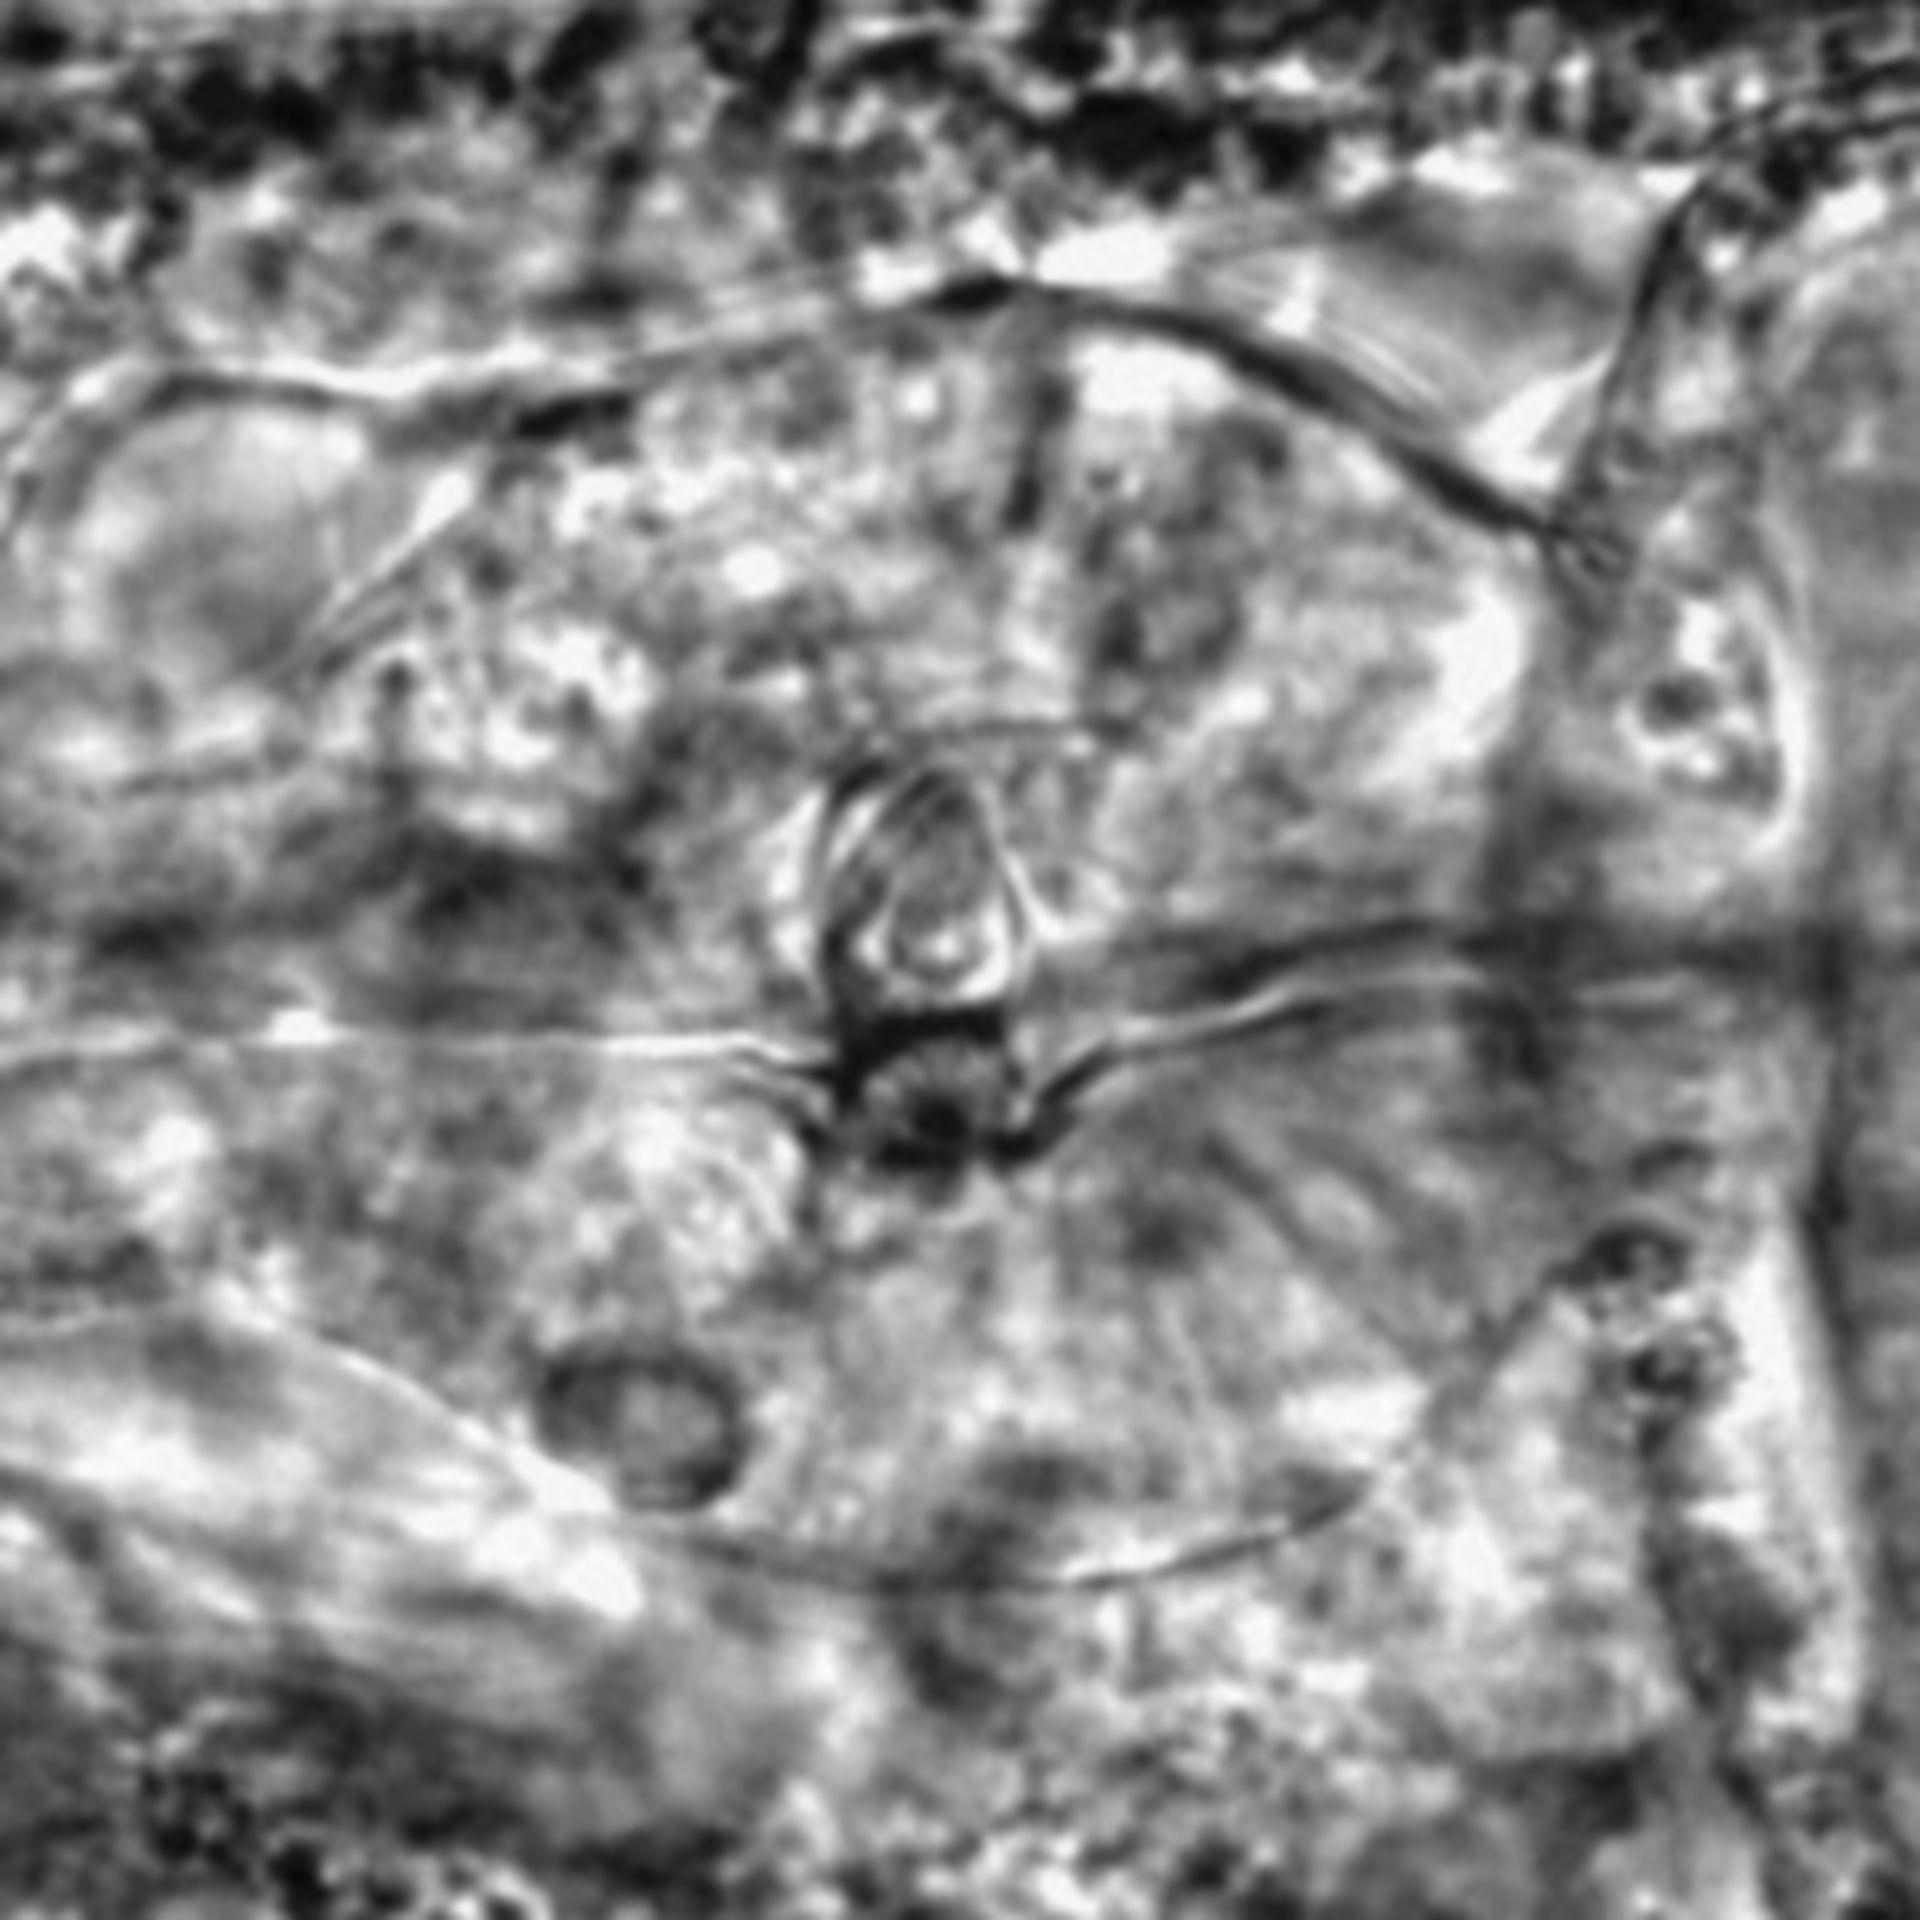 Caenorhabditis elegans - CIL:2193